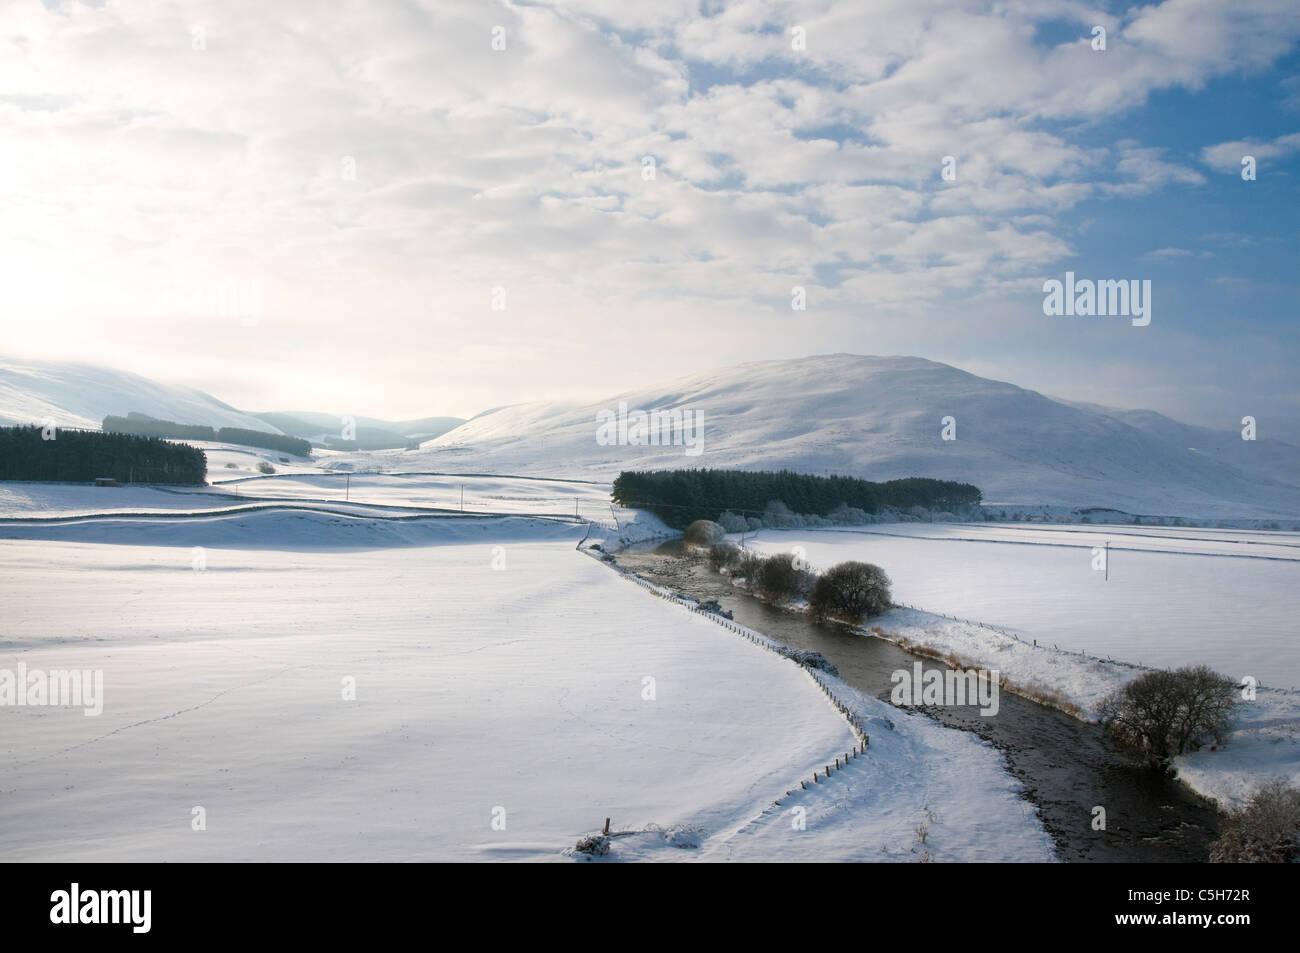 Milenrama blanca y agua Ley Hill en nieve profunda - Scottish Borders Imagen De Stock